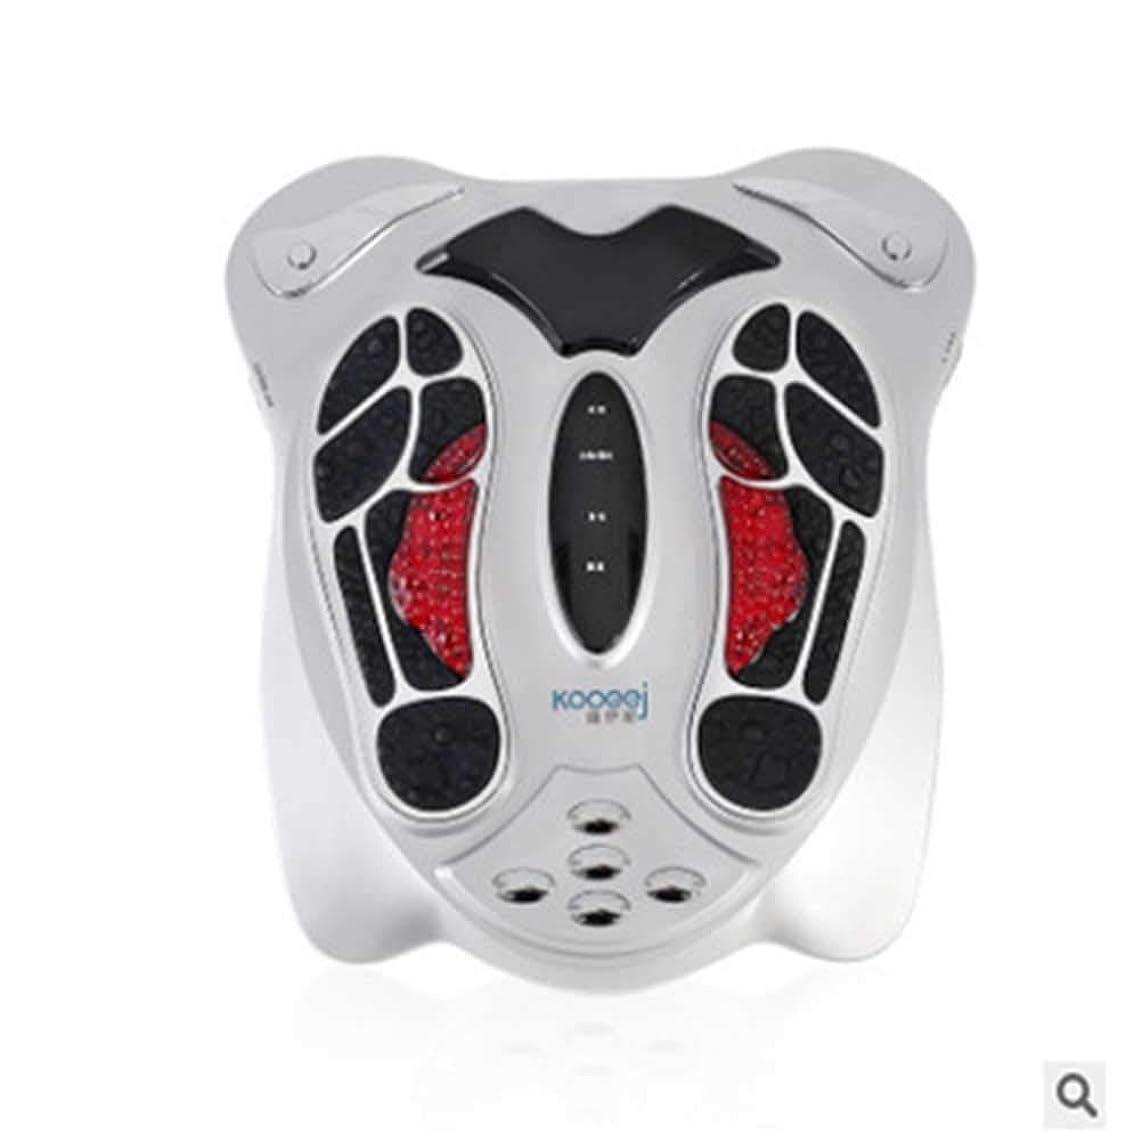 補助金華氏成功した調整可能 赤外線フットマッサージャーフットマッサージャーフットマッサージャー低周波健康理学療法器具 リラックス, Silver